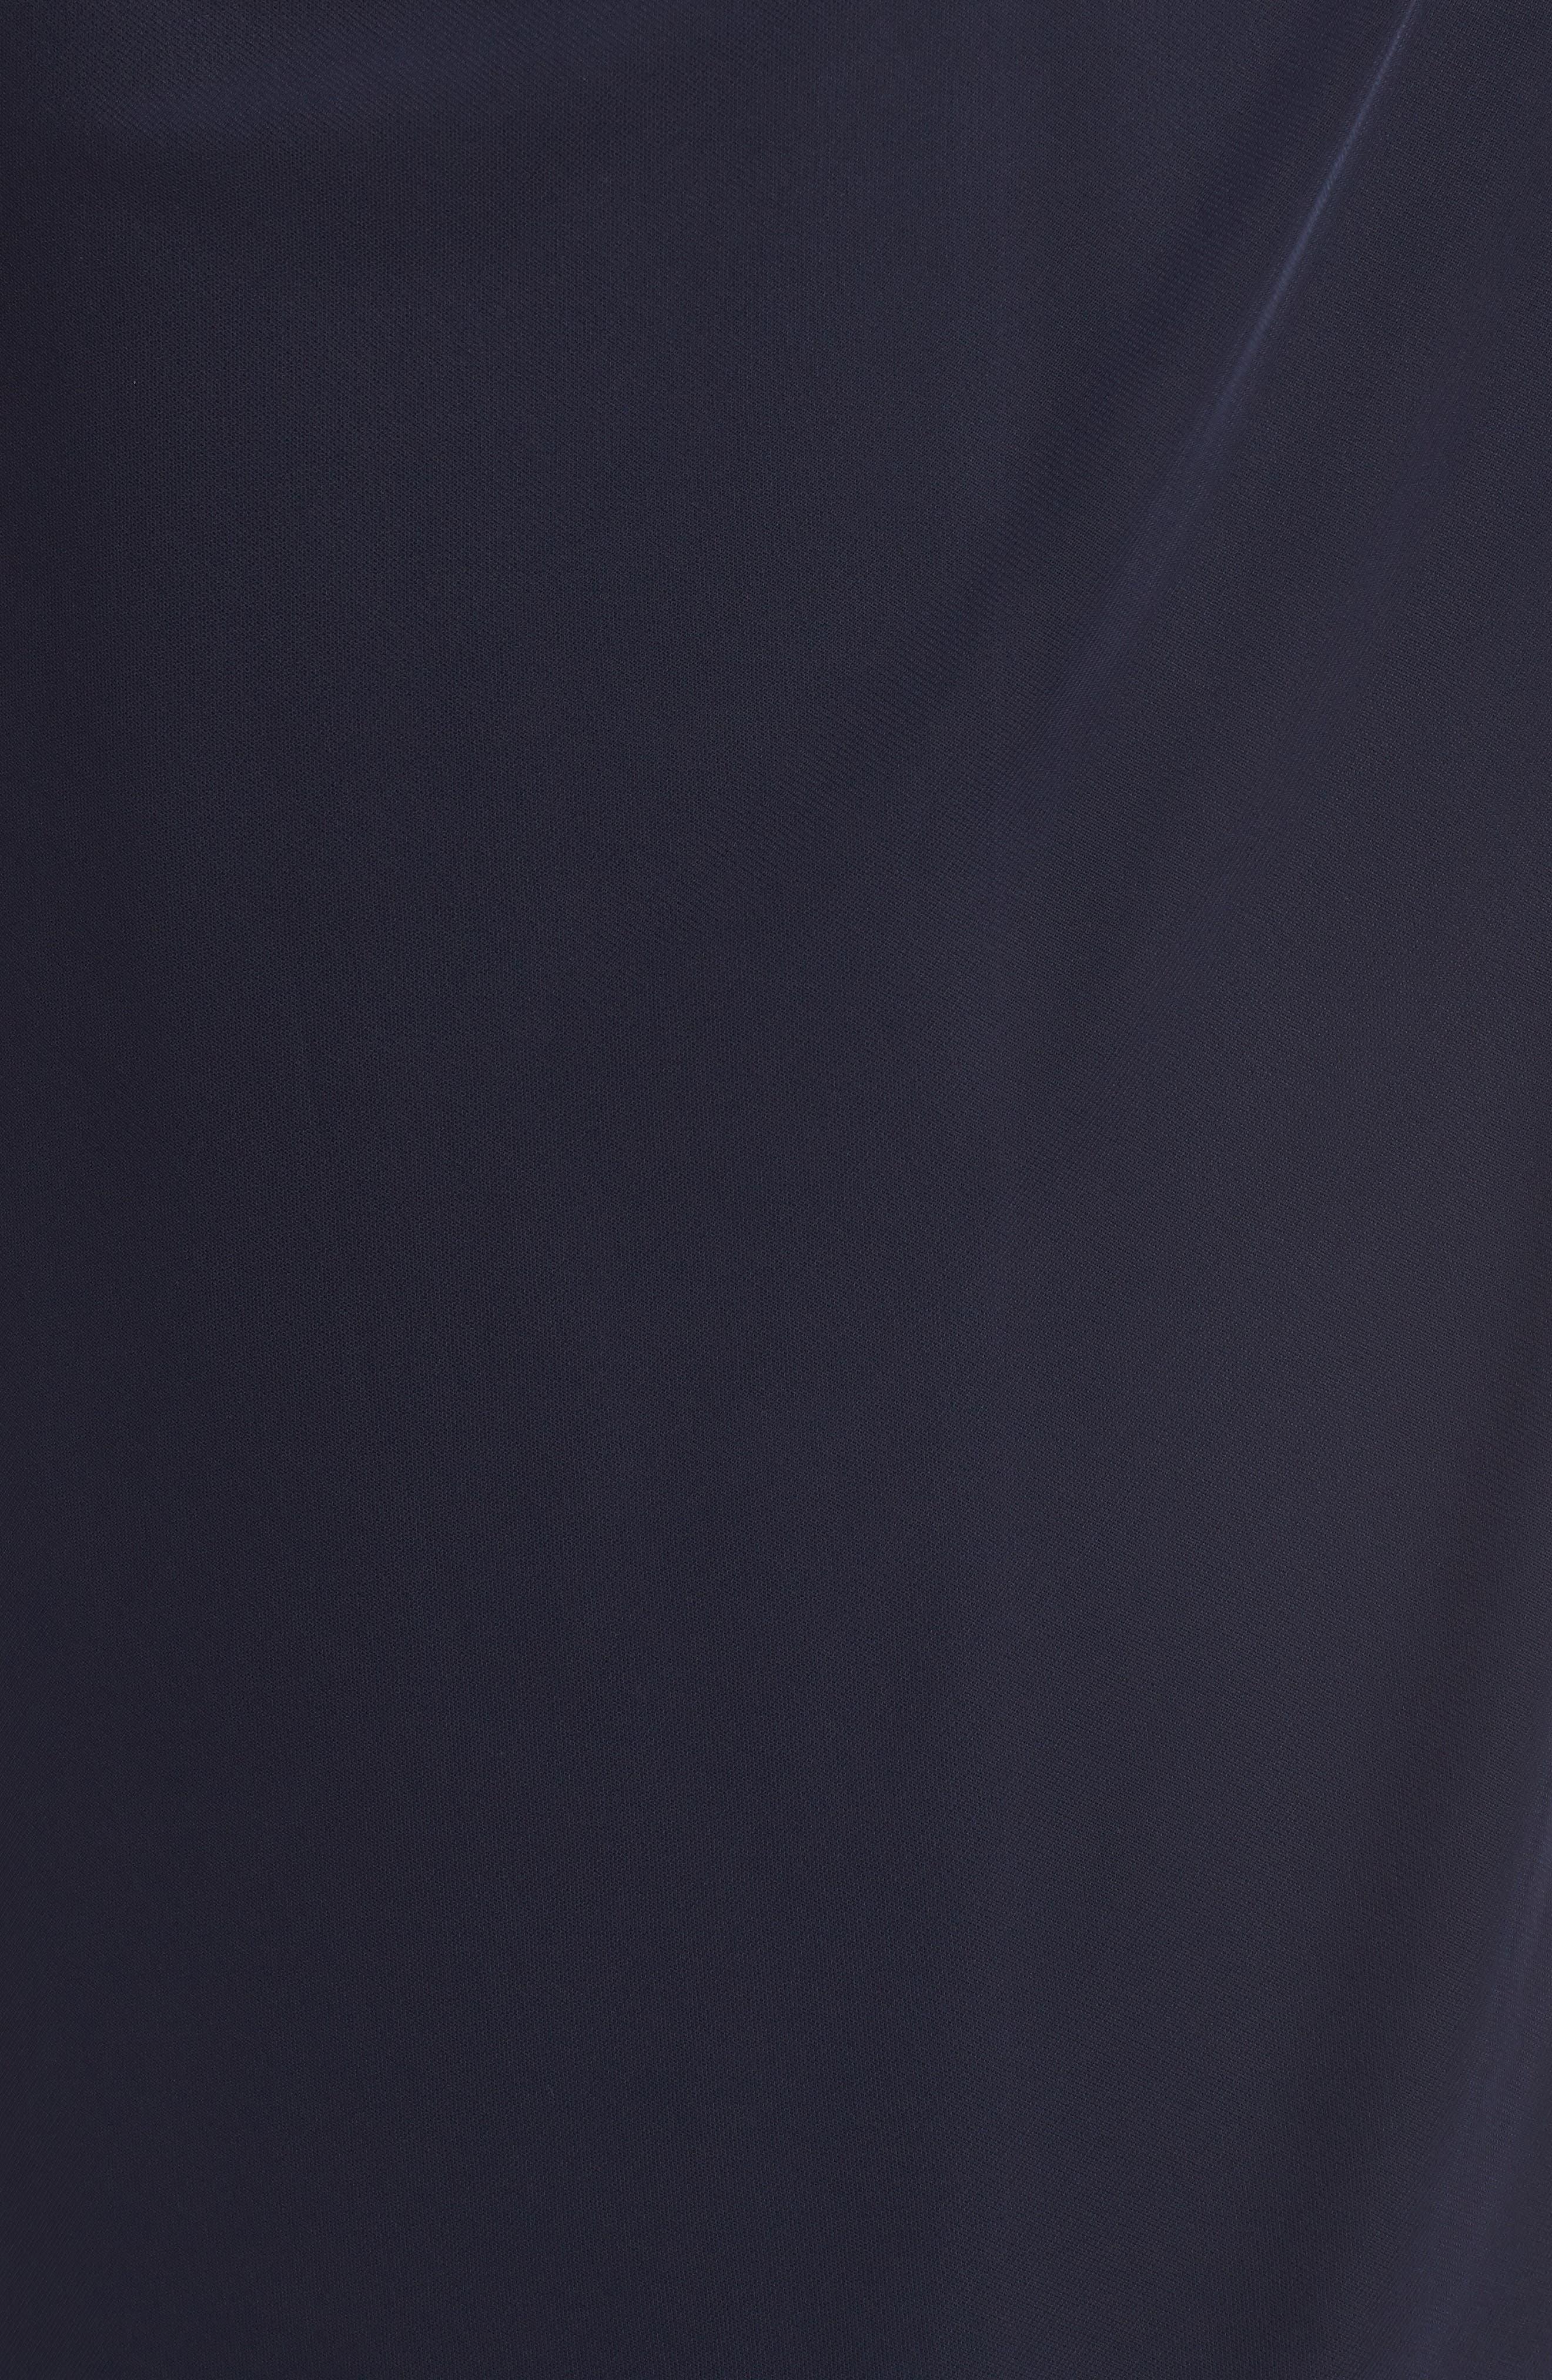 Embellished Cold Shoulder Gown,                             Alternate thumbnail 5, color,                             NAVY